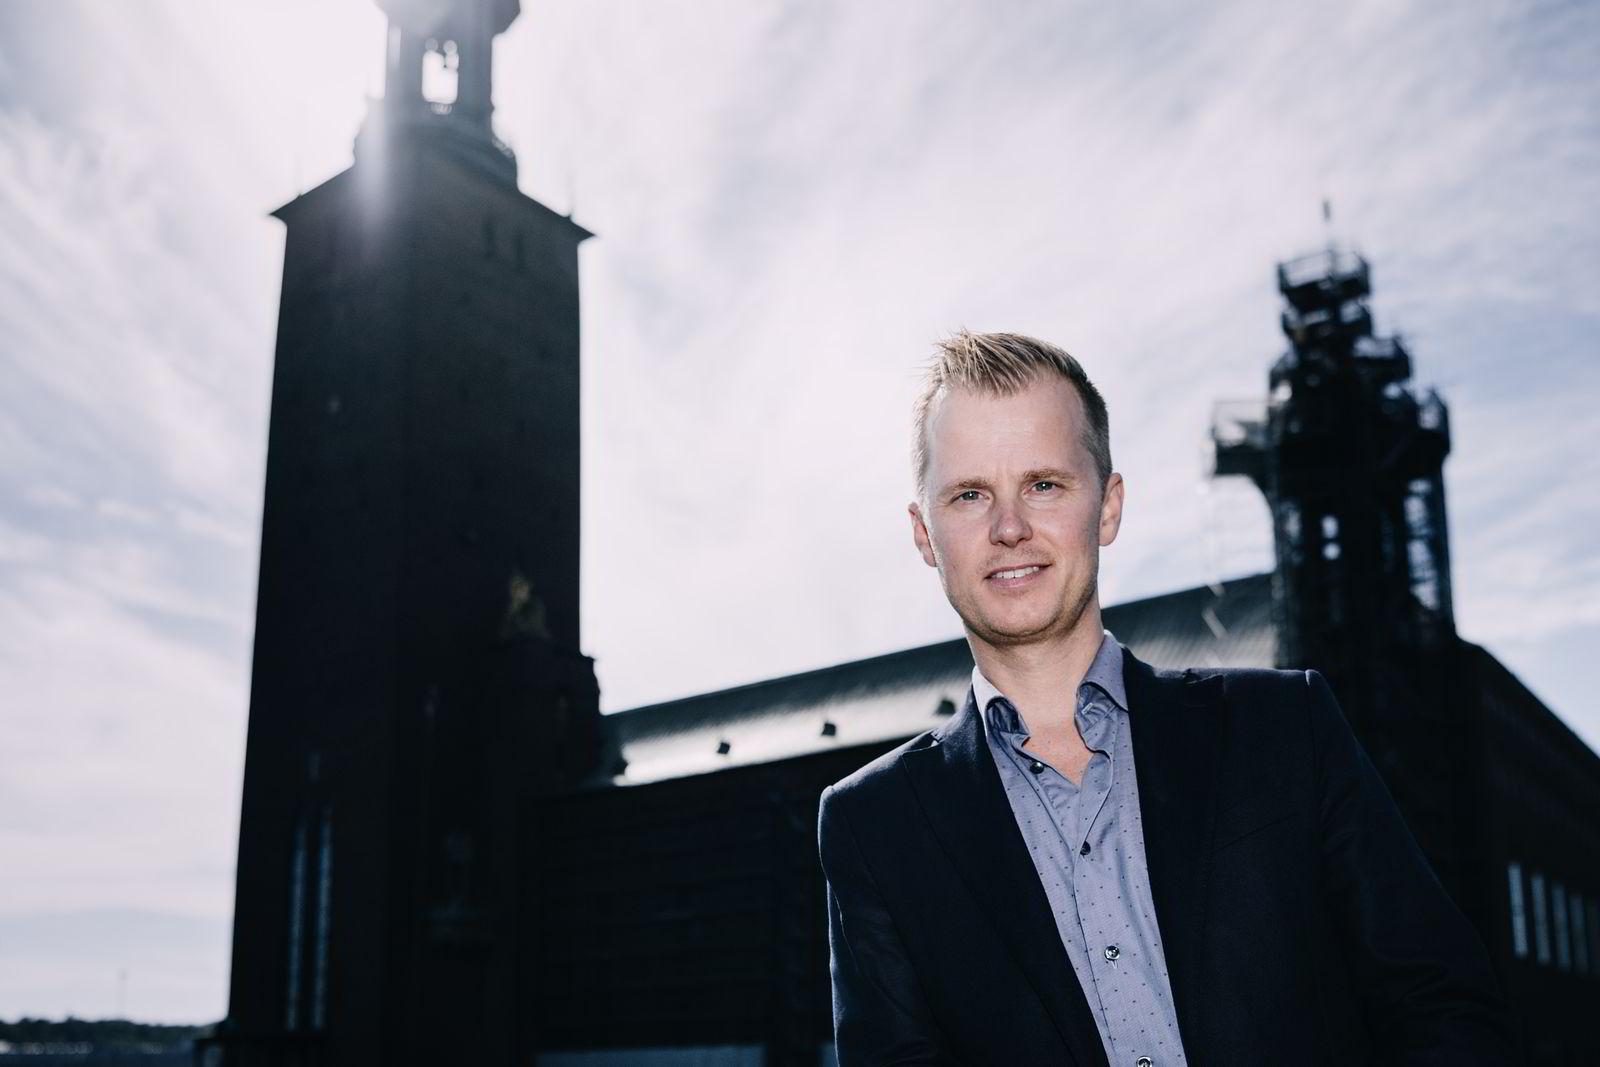 Anders Hamnes utenfor Stadshuset (rådhuset) i Stockholm.Foto: Erik Simander / BILDBYRÅN / Cop 201